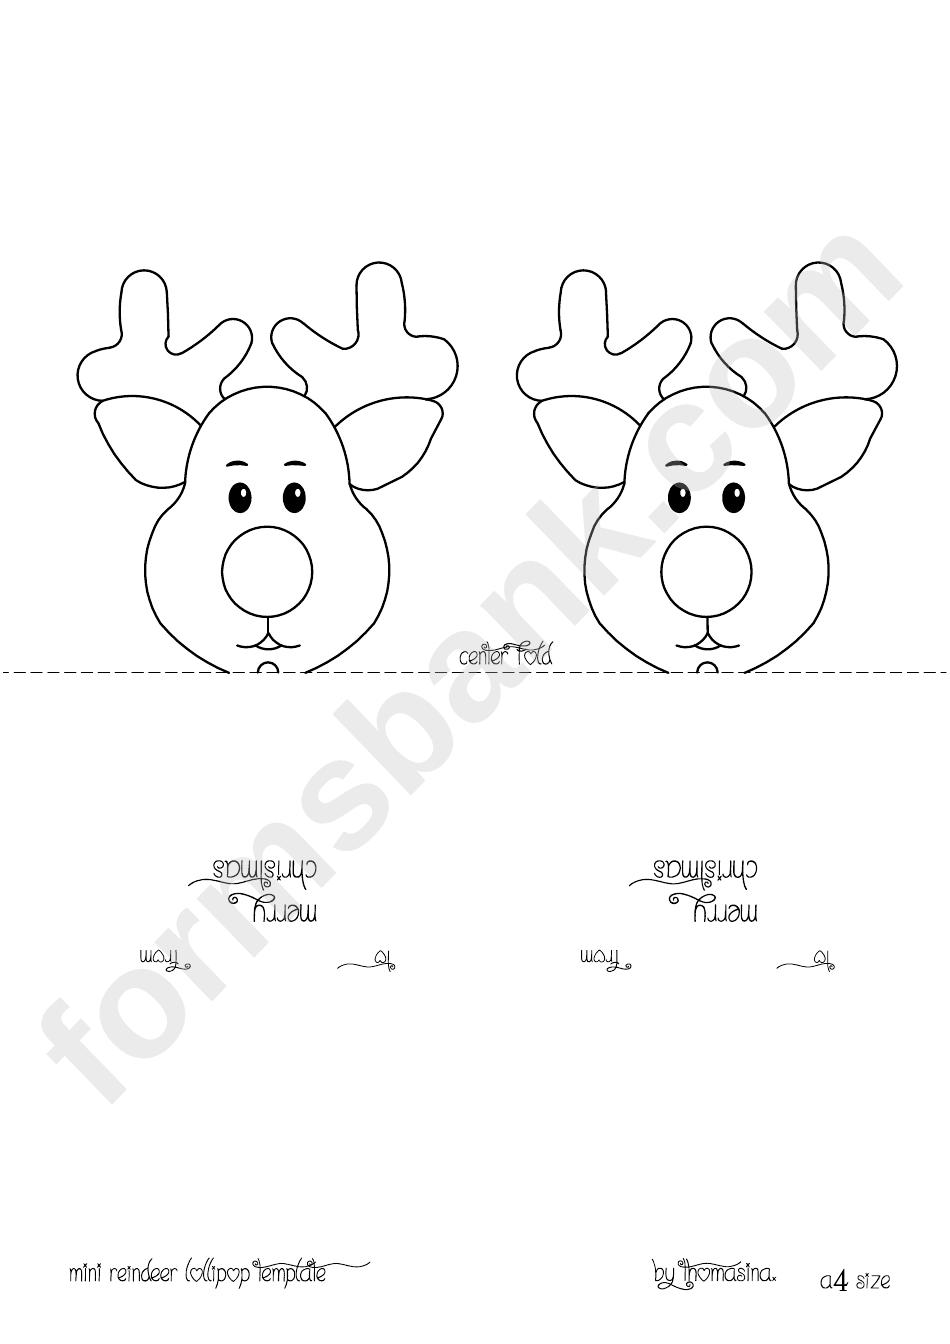 Mini Reindeer Head Lollipop Template printable pdf download